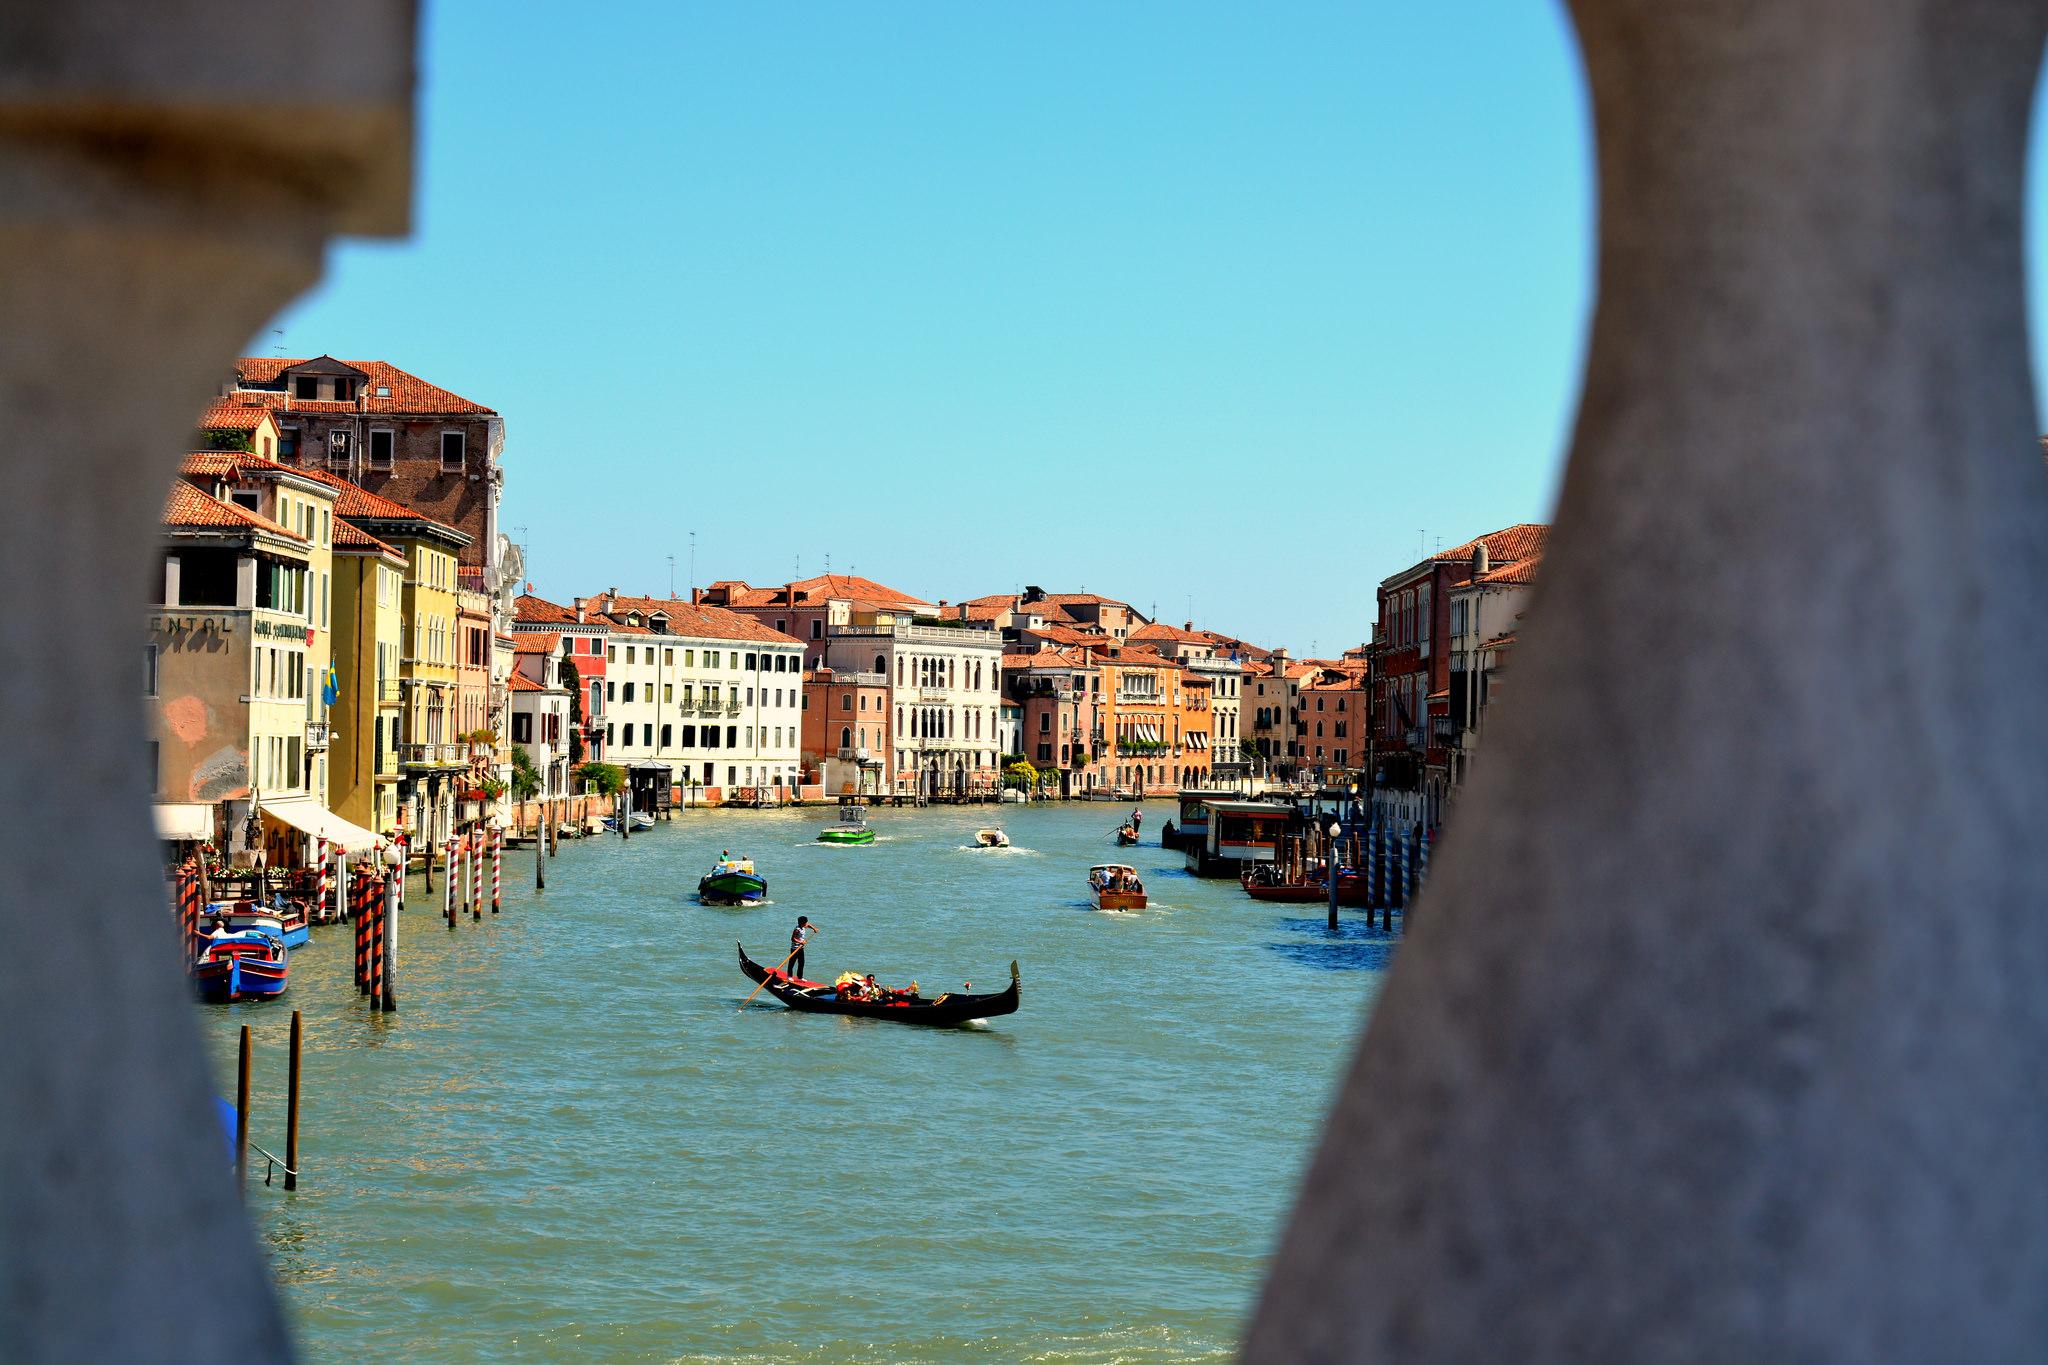 Venezia ospiterà la 57esima Biennale d'arte dal 13 maggio al 26 novembre 2017.